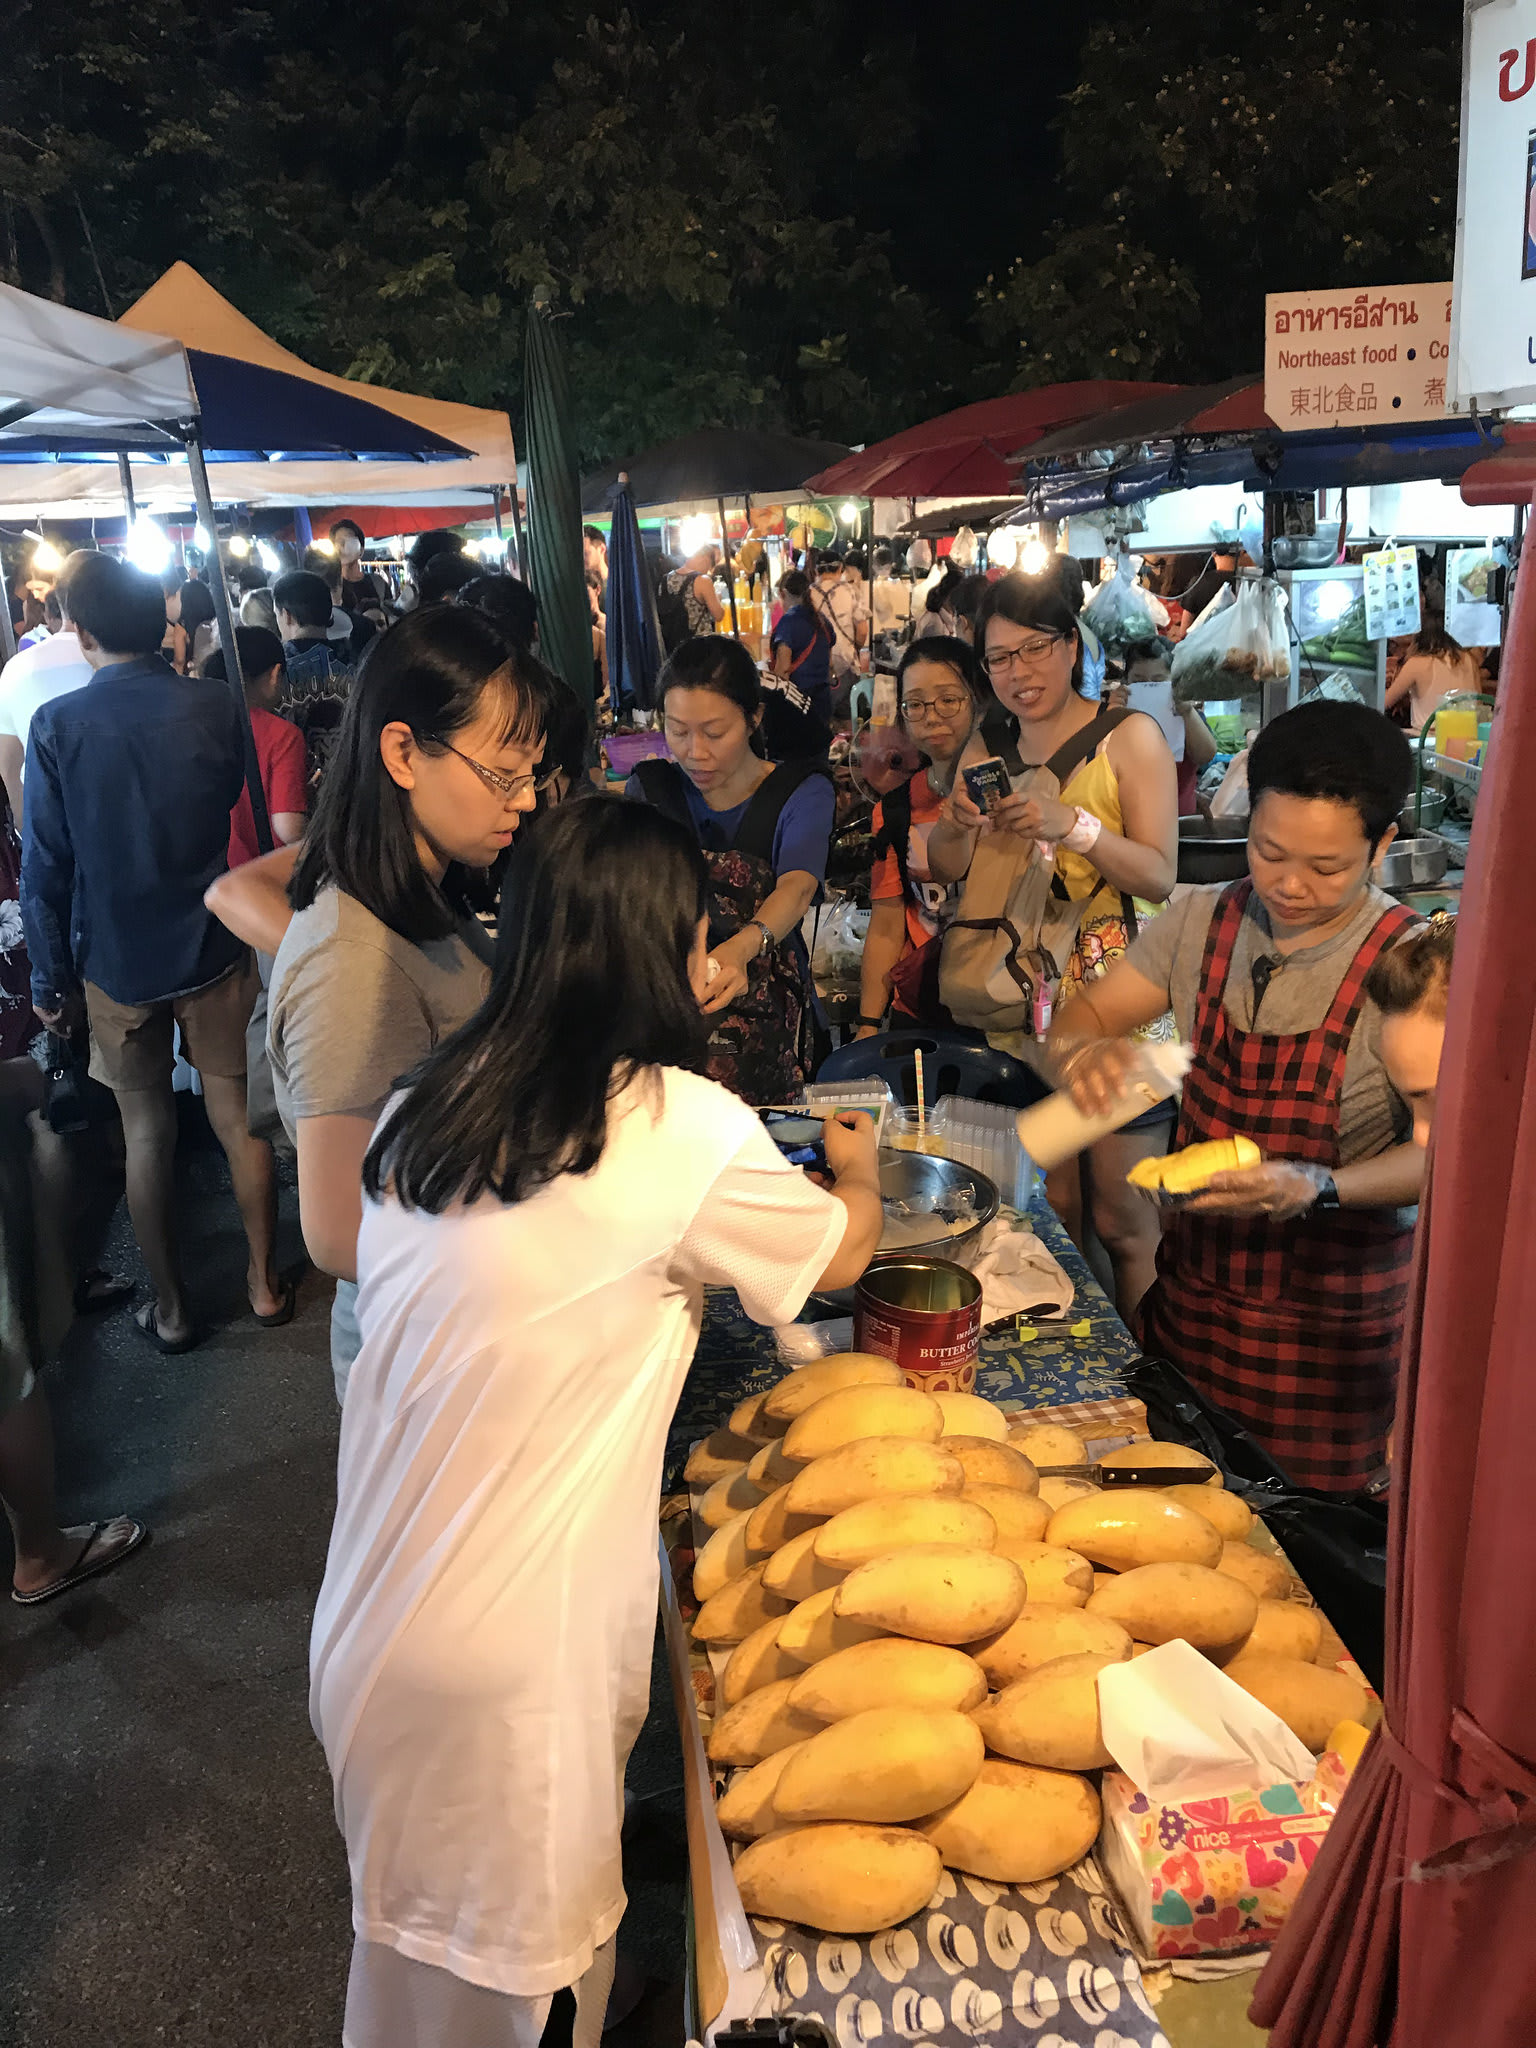 週六夜市會販售許多當地的小吃。來源:http://bit.ly/2zNO0gd。